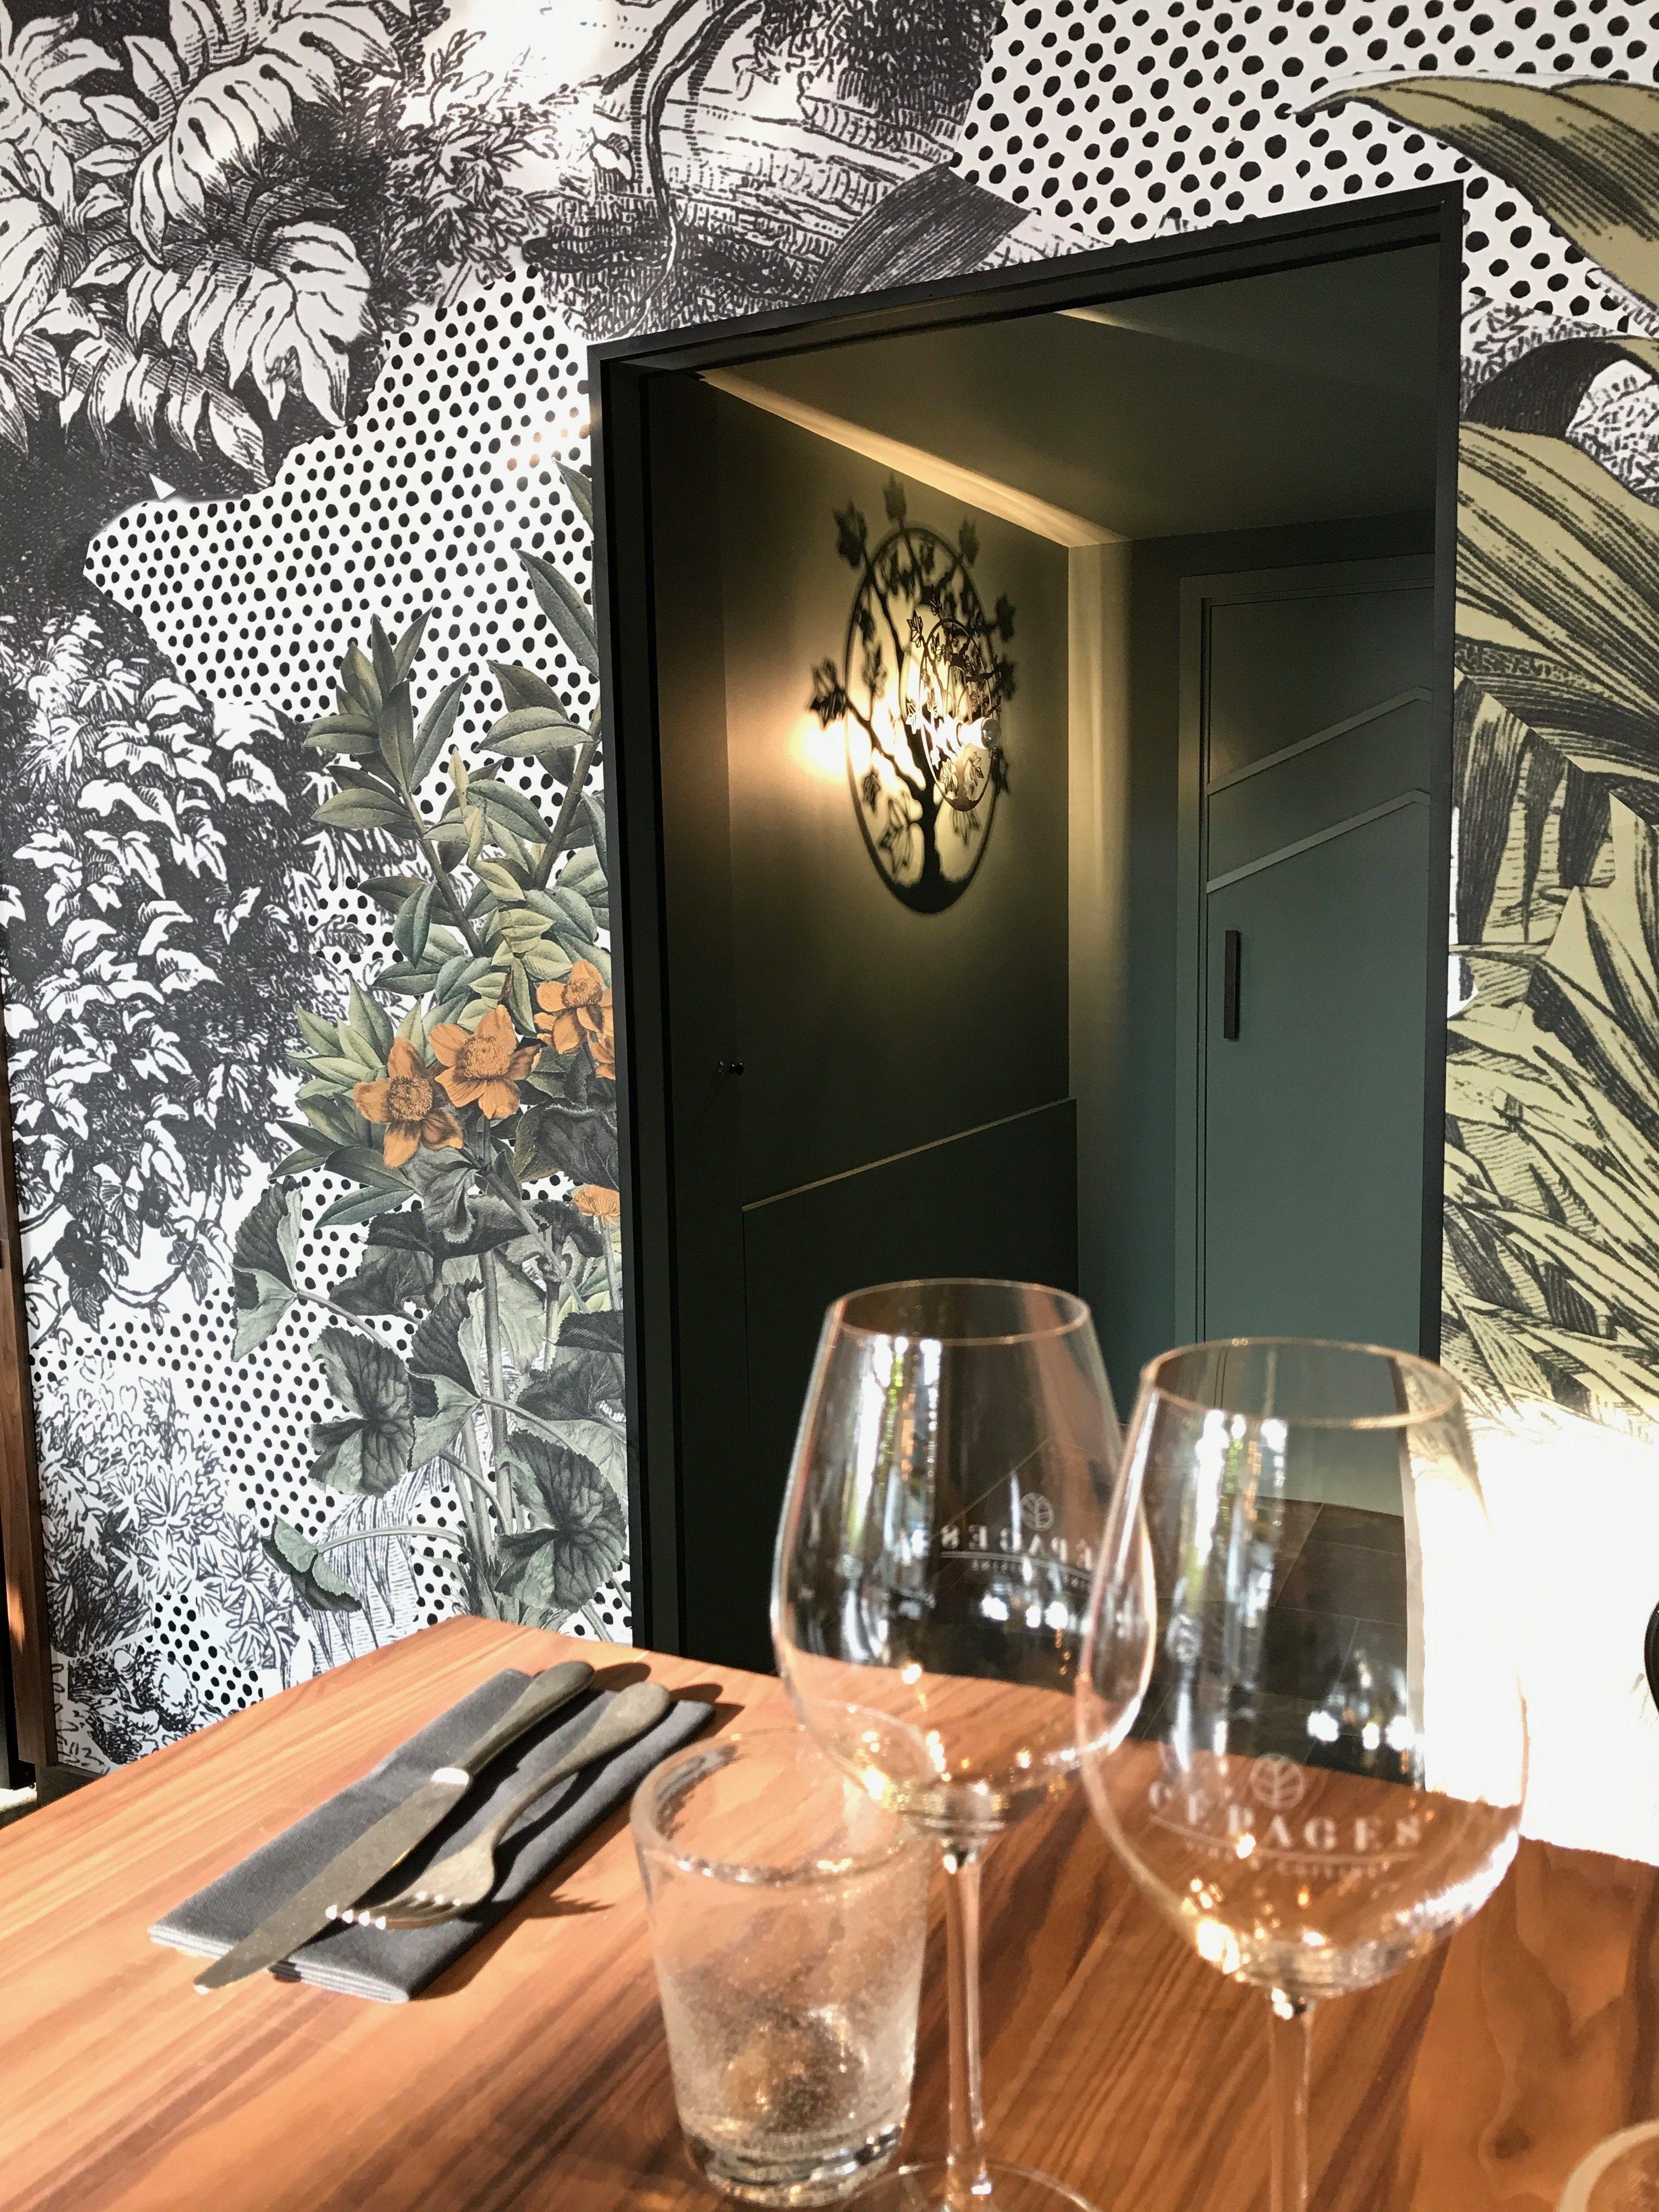 Cepages Elodie Tornare Intérieurs Bar à Vin Et Restaurant à